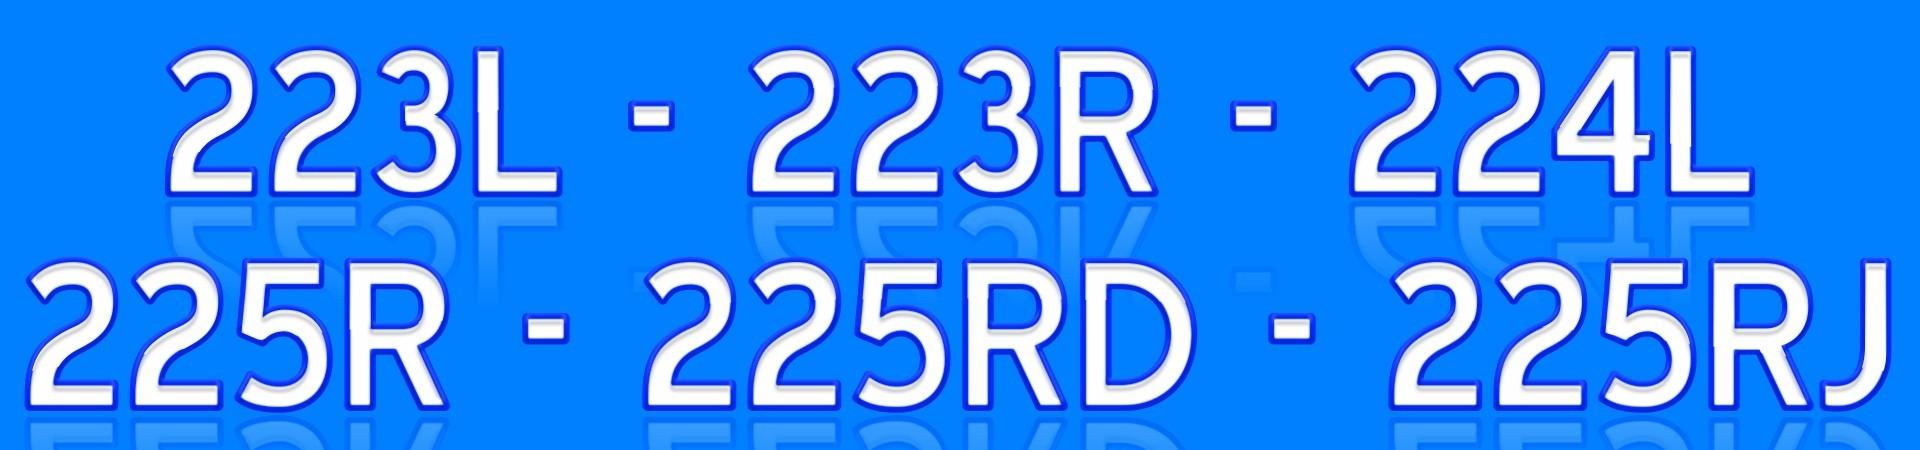 225R 227R 232R 235R